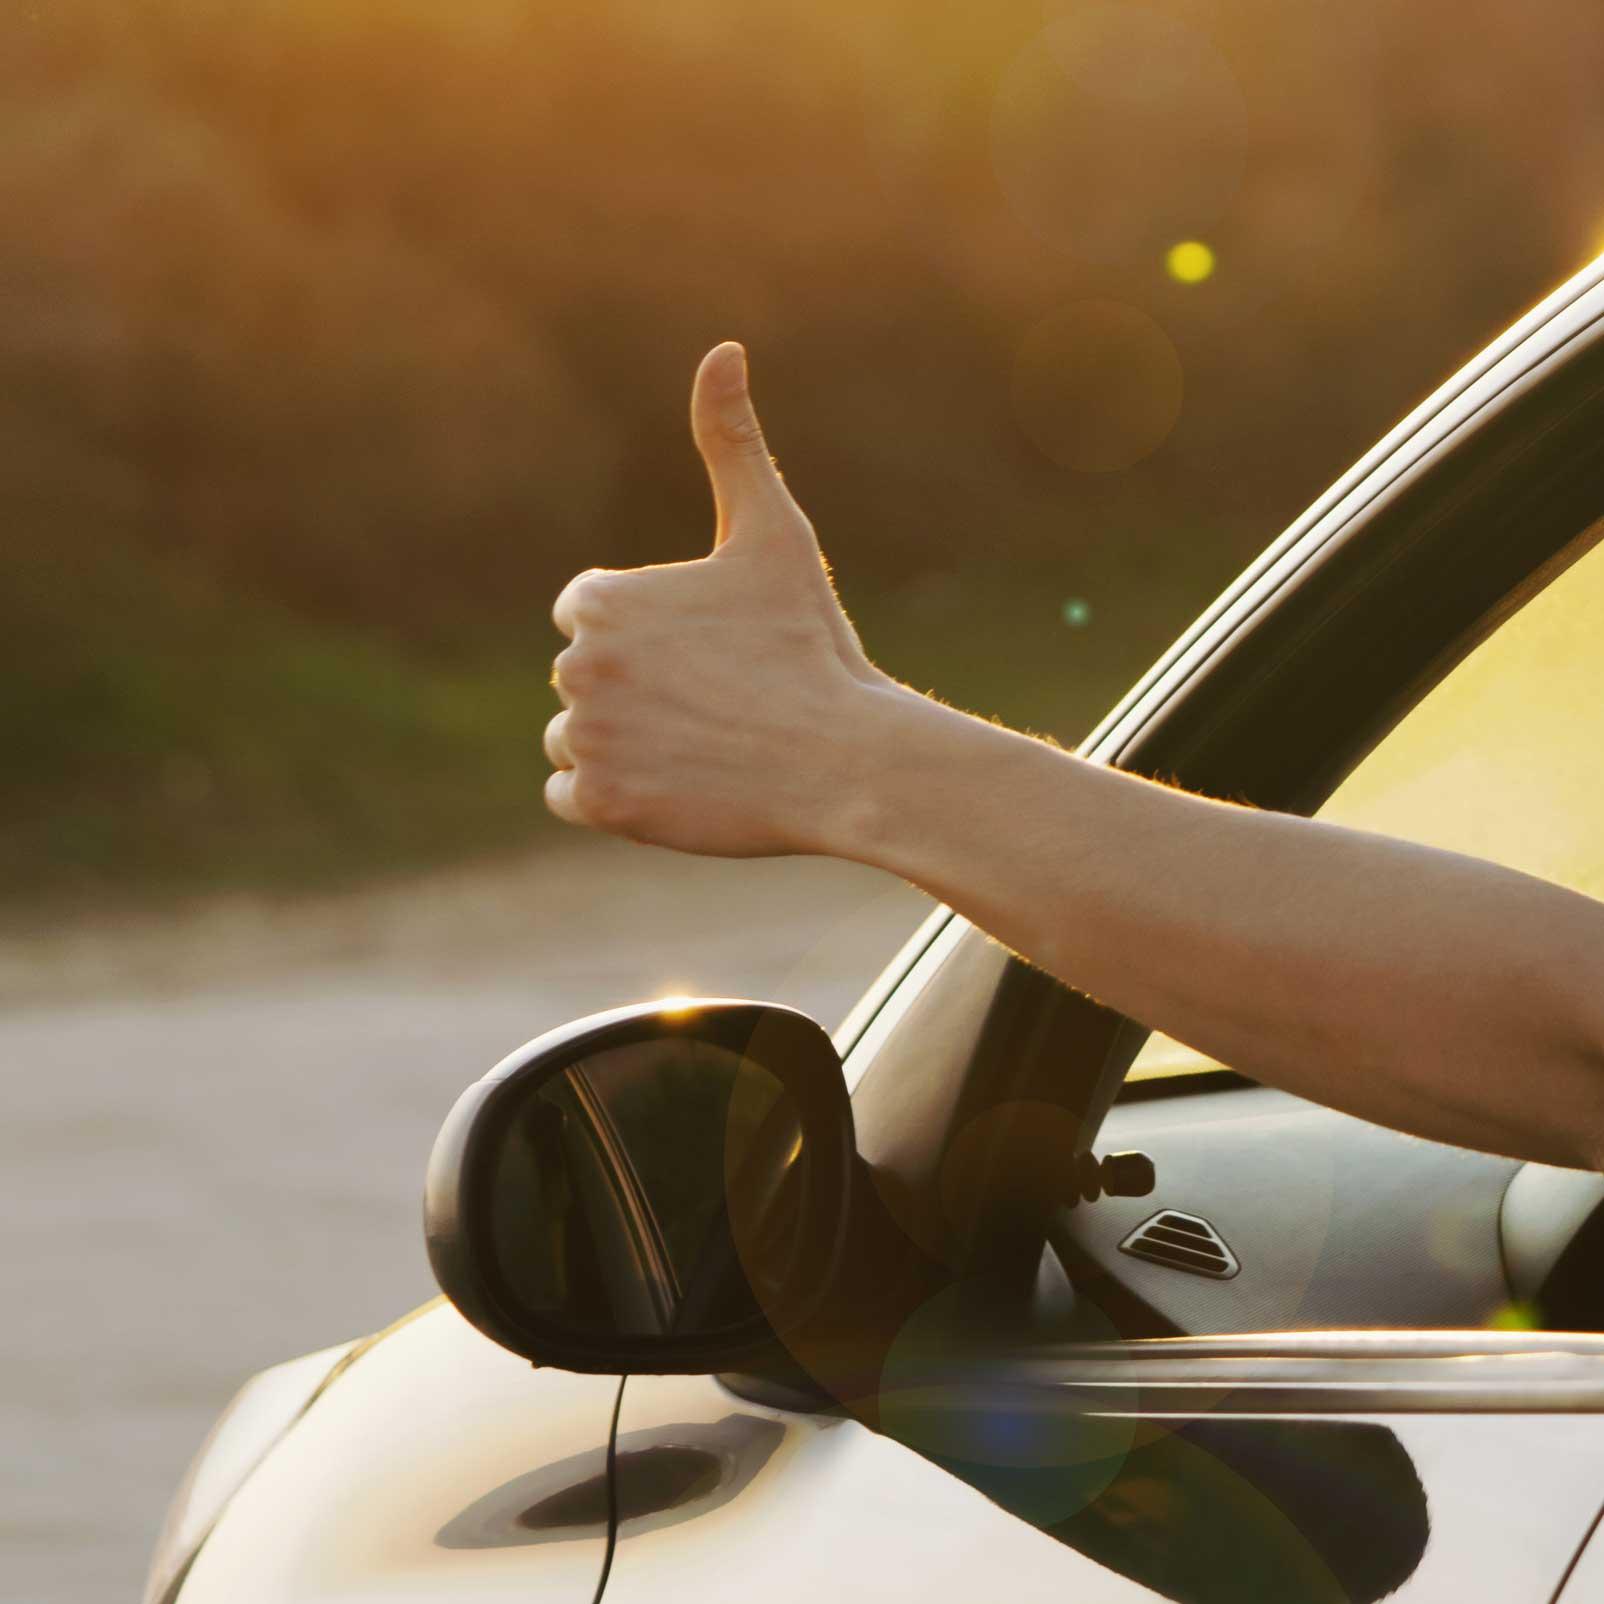 Mann som gir tommel opp fra bilen